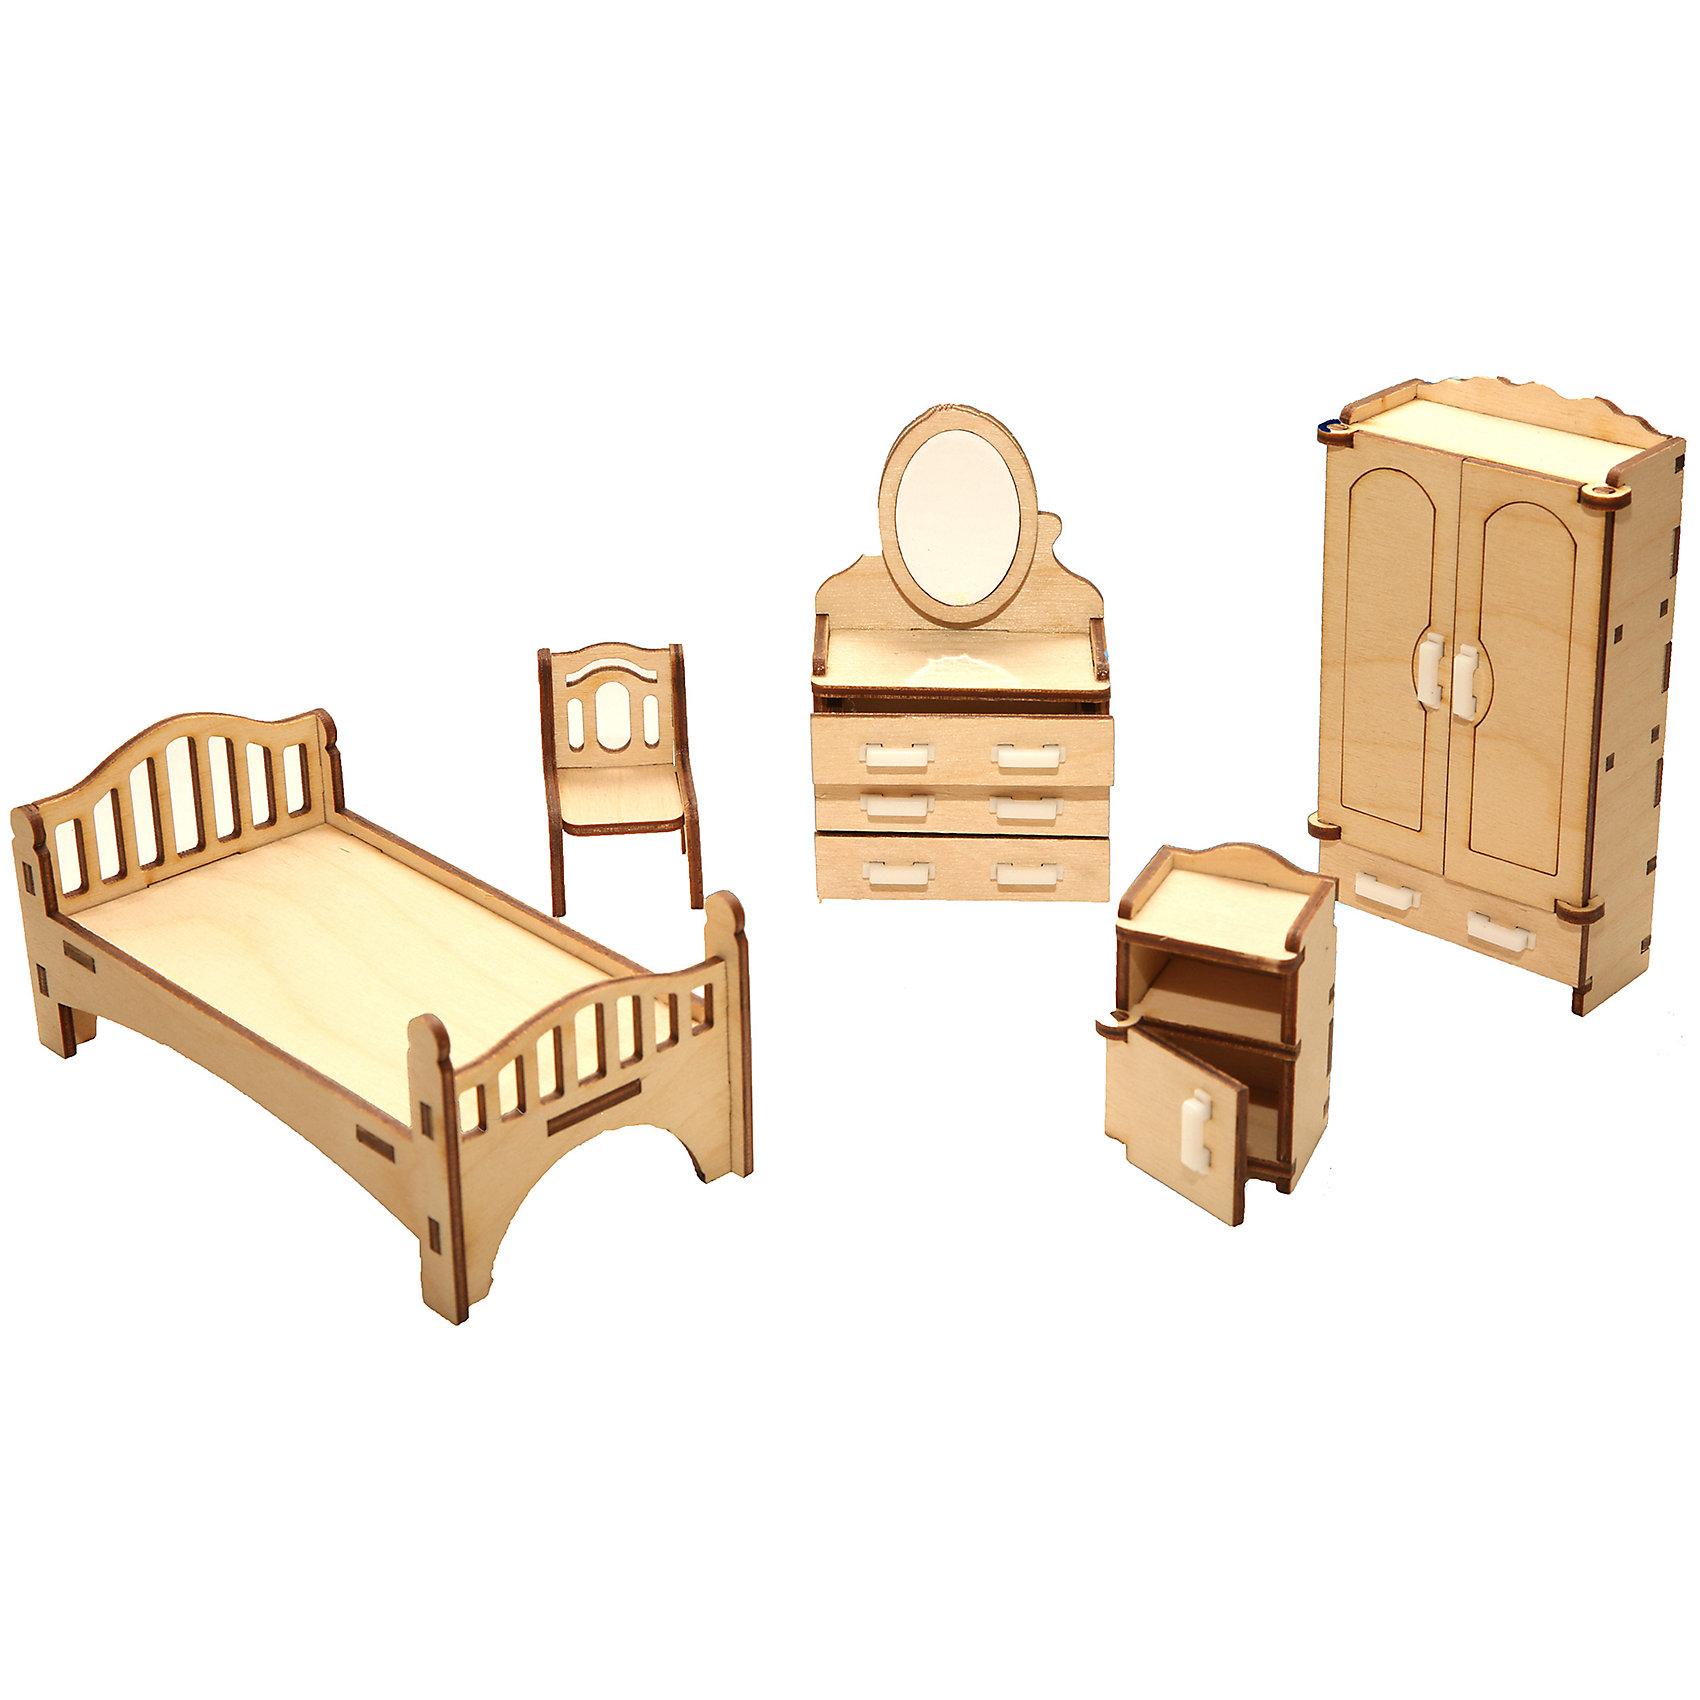 Деревянный набор мебели Happykon СпальняДомики и мебель<br><br><br>Ширина мм: 125<br>Глубина мм: 50<br>Высота мм: 50<br>Вес г: 190<br>Возраст от месяцев: 60<br>Возраст до месяцев: 144<br>Пол: Женский<br>Возраст: Детский<br>SKU: 7023765